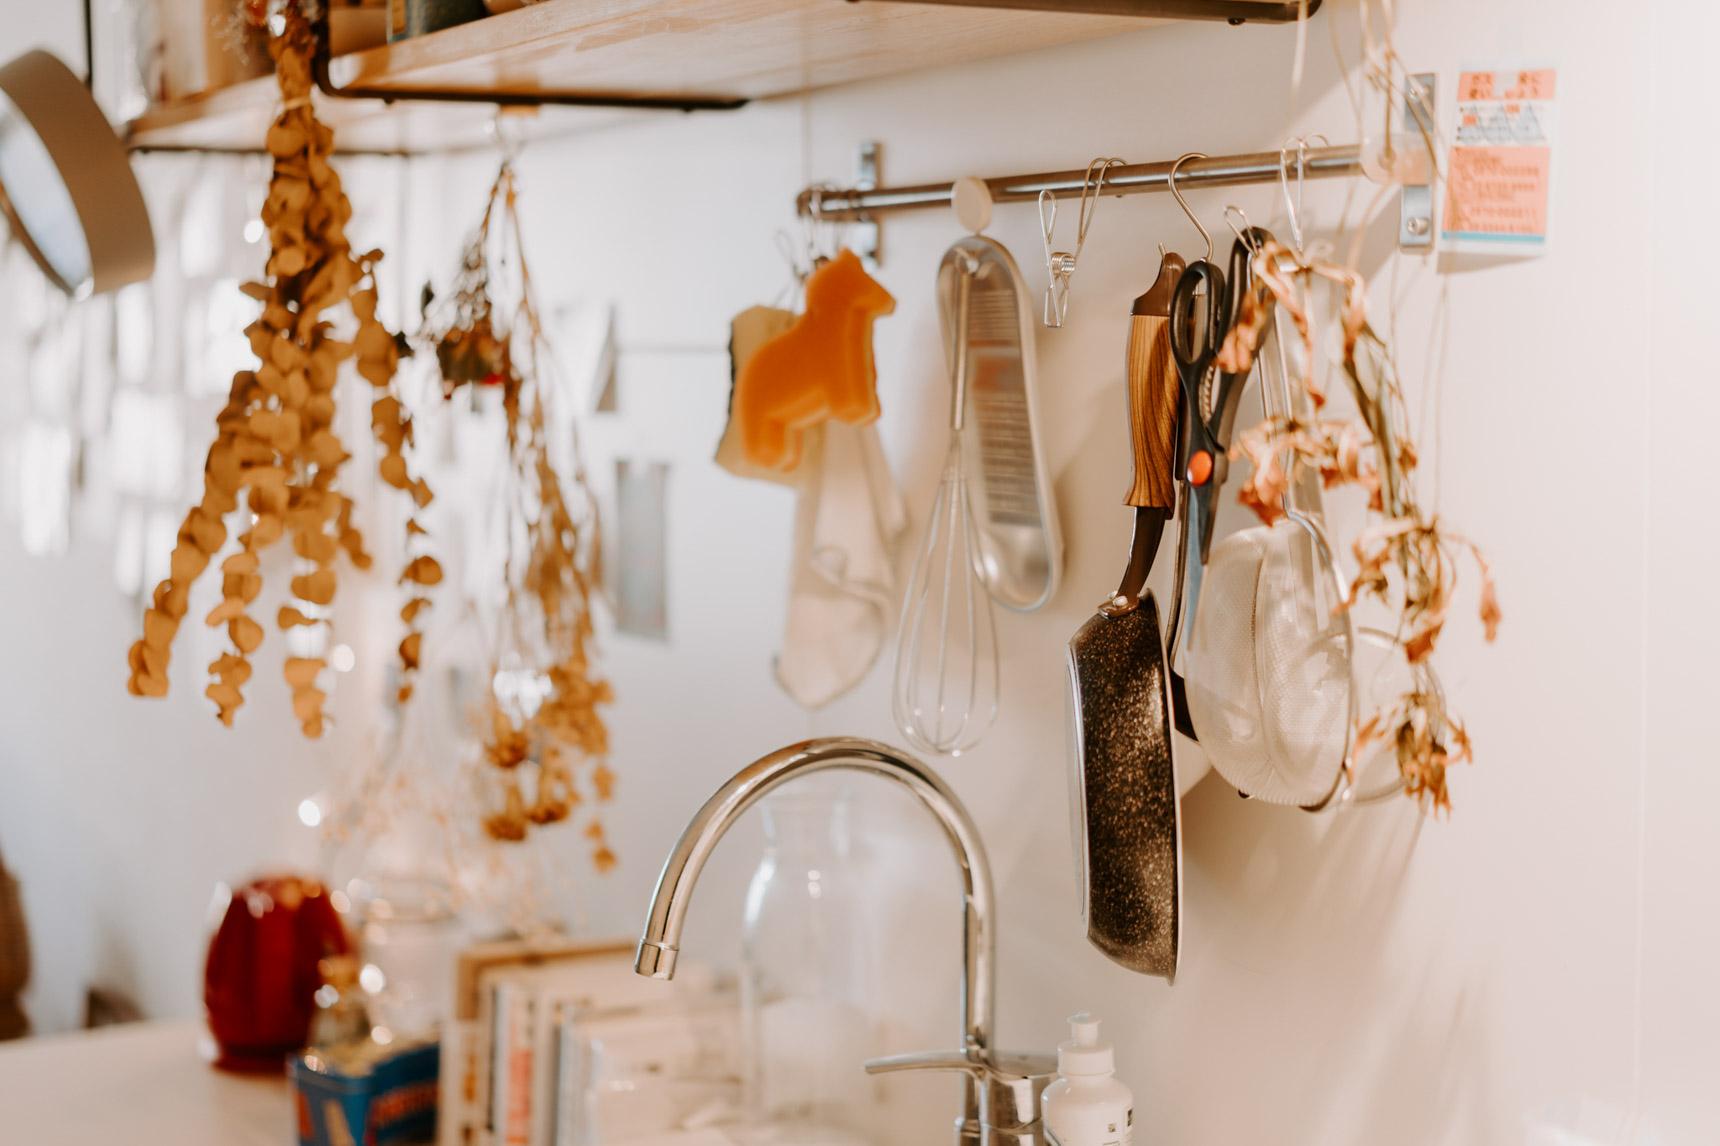 これを機に、キッチンを居心地の良いスペースに改良しても楽しいかも。狭いキッチンでは「吊るす」をうまく使うと、効率的かつおしゃれに収納が叶うみたい。(このお部屋をもっと見る)